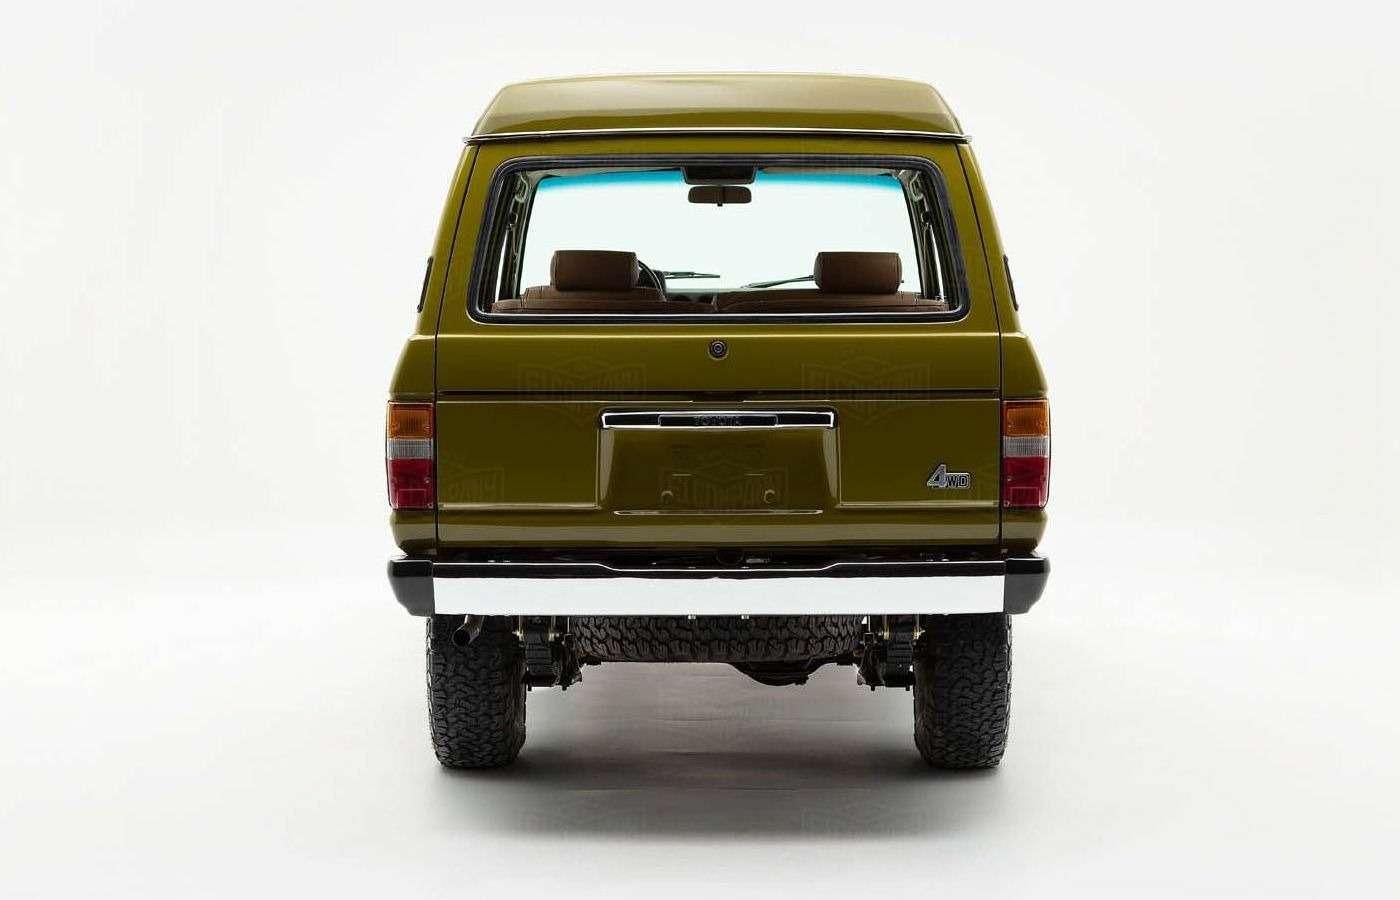 Абсолютно новый Toyota Land Cruiser 1986 года. Да, такое бывает!— фото 877221